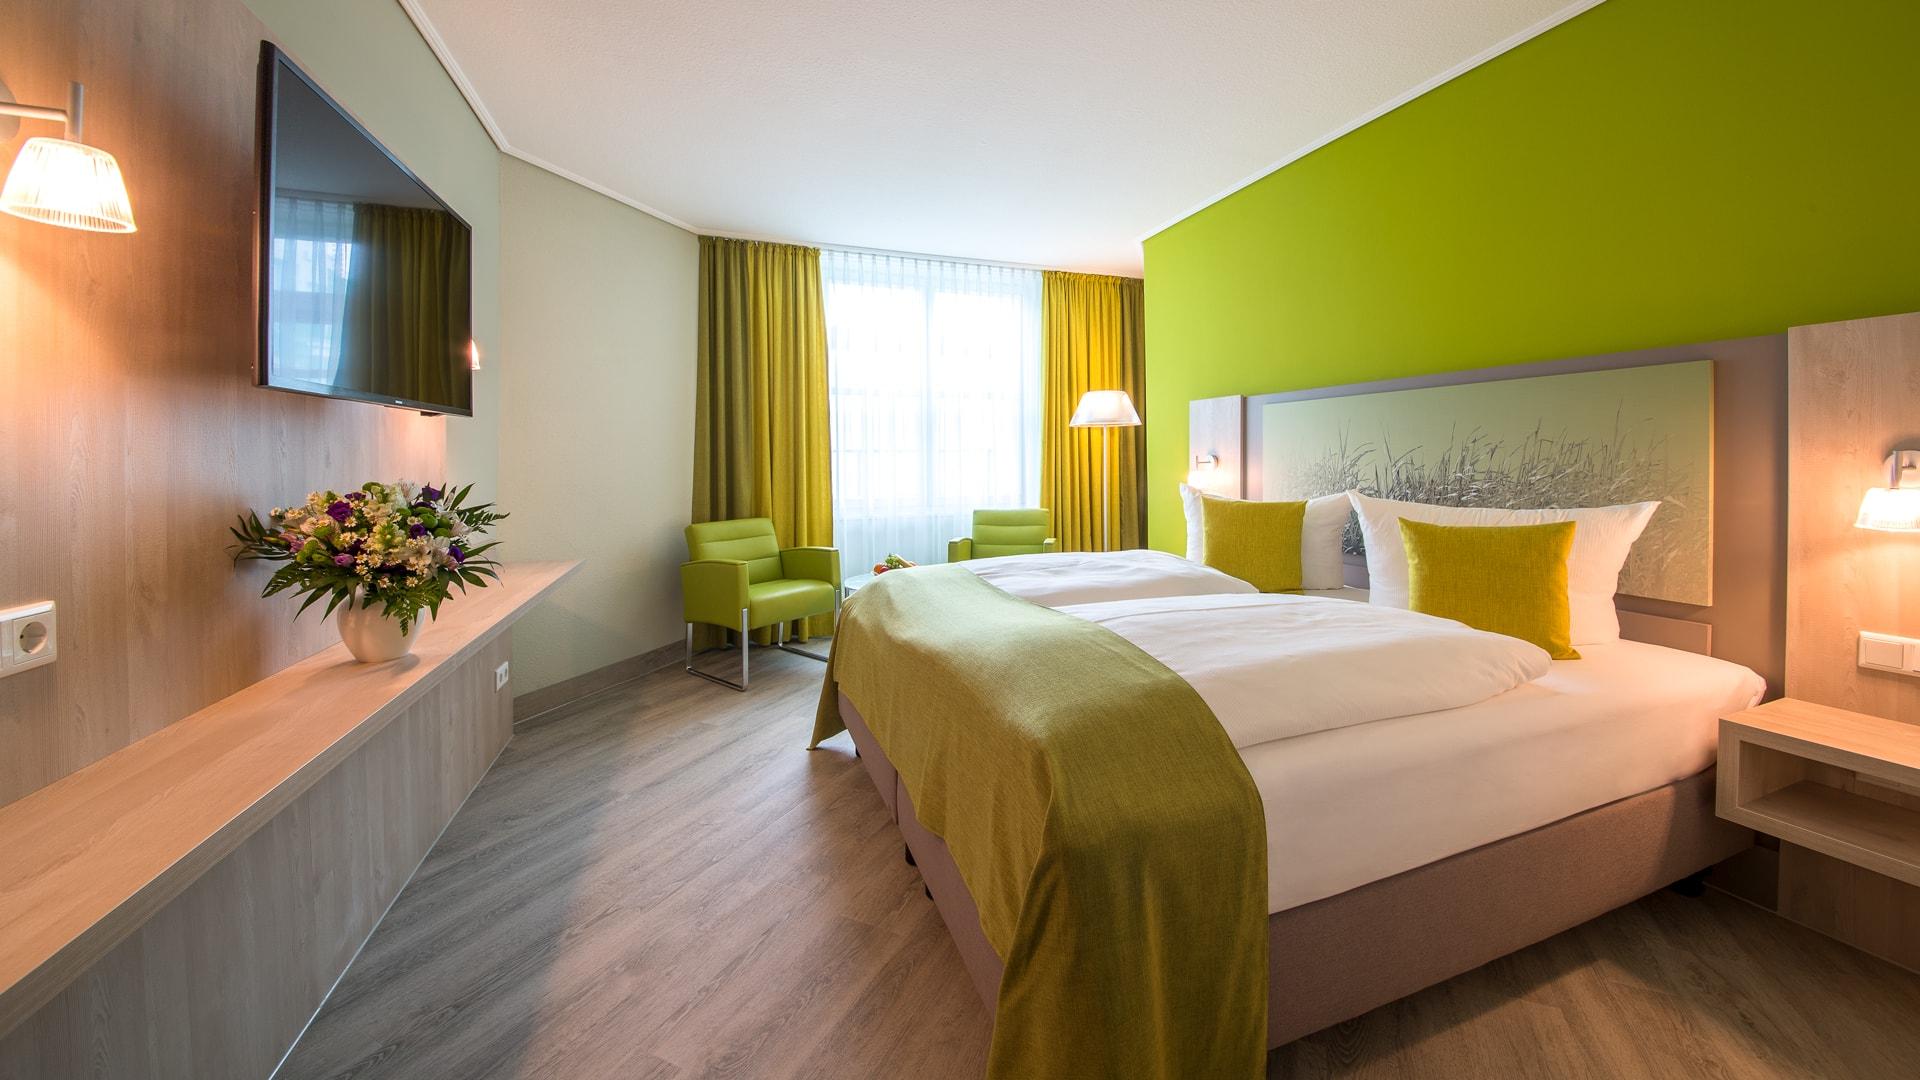 5 Michels_Hotels_Inselhotel_Vier_Jahreszeiten_Doppelzimmer_Comfort